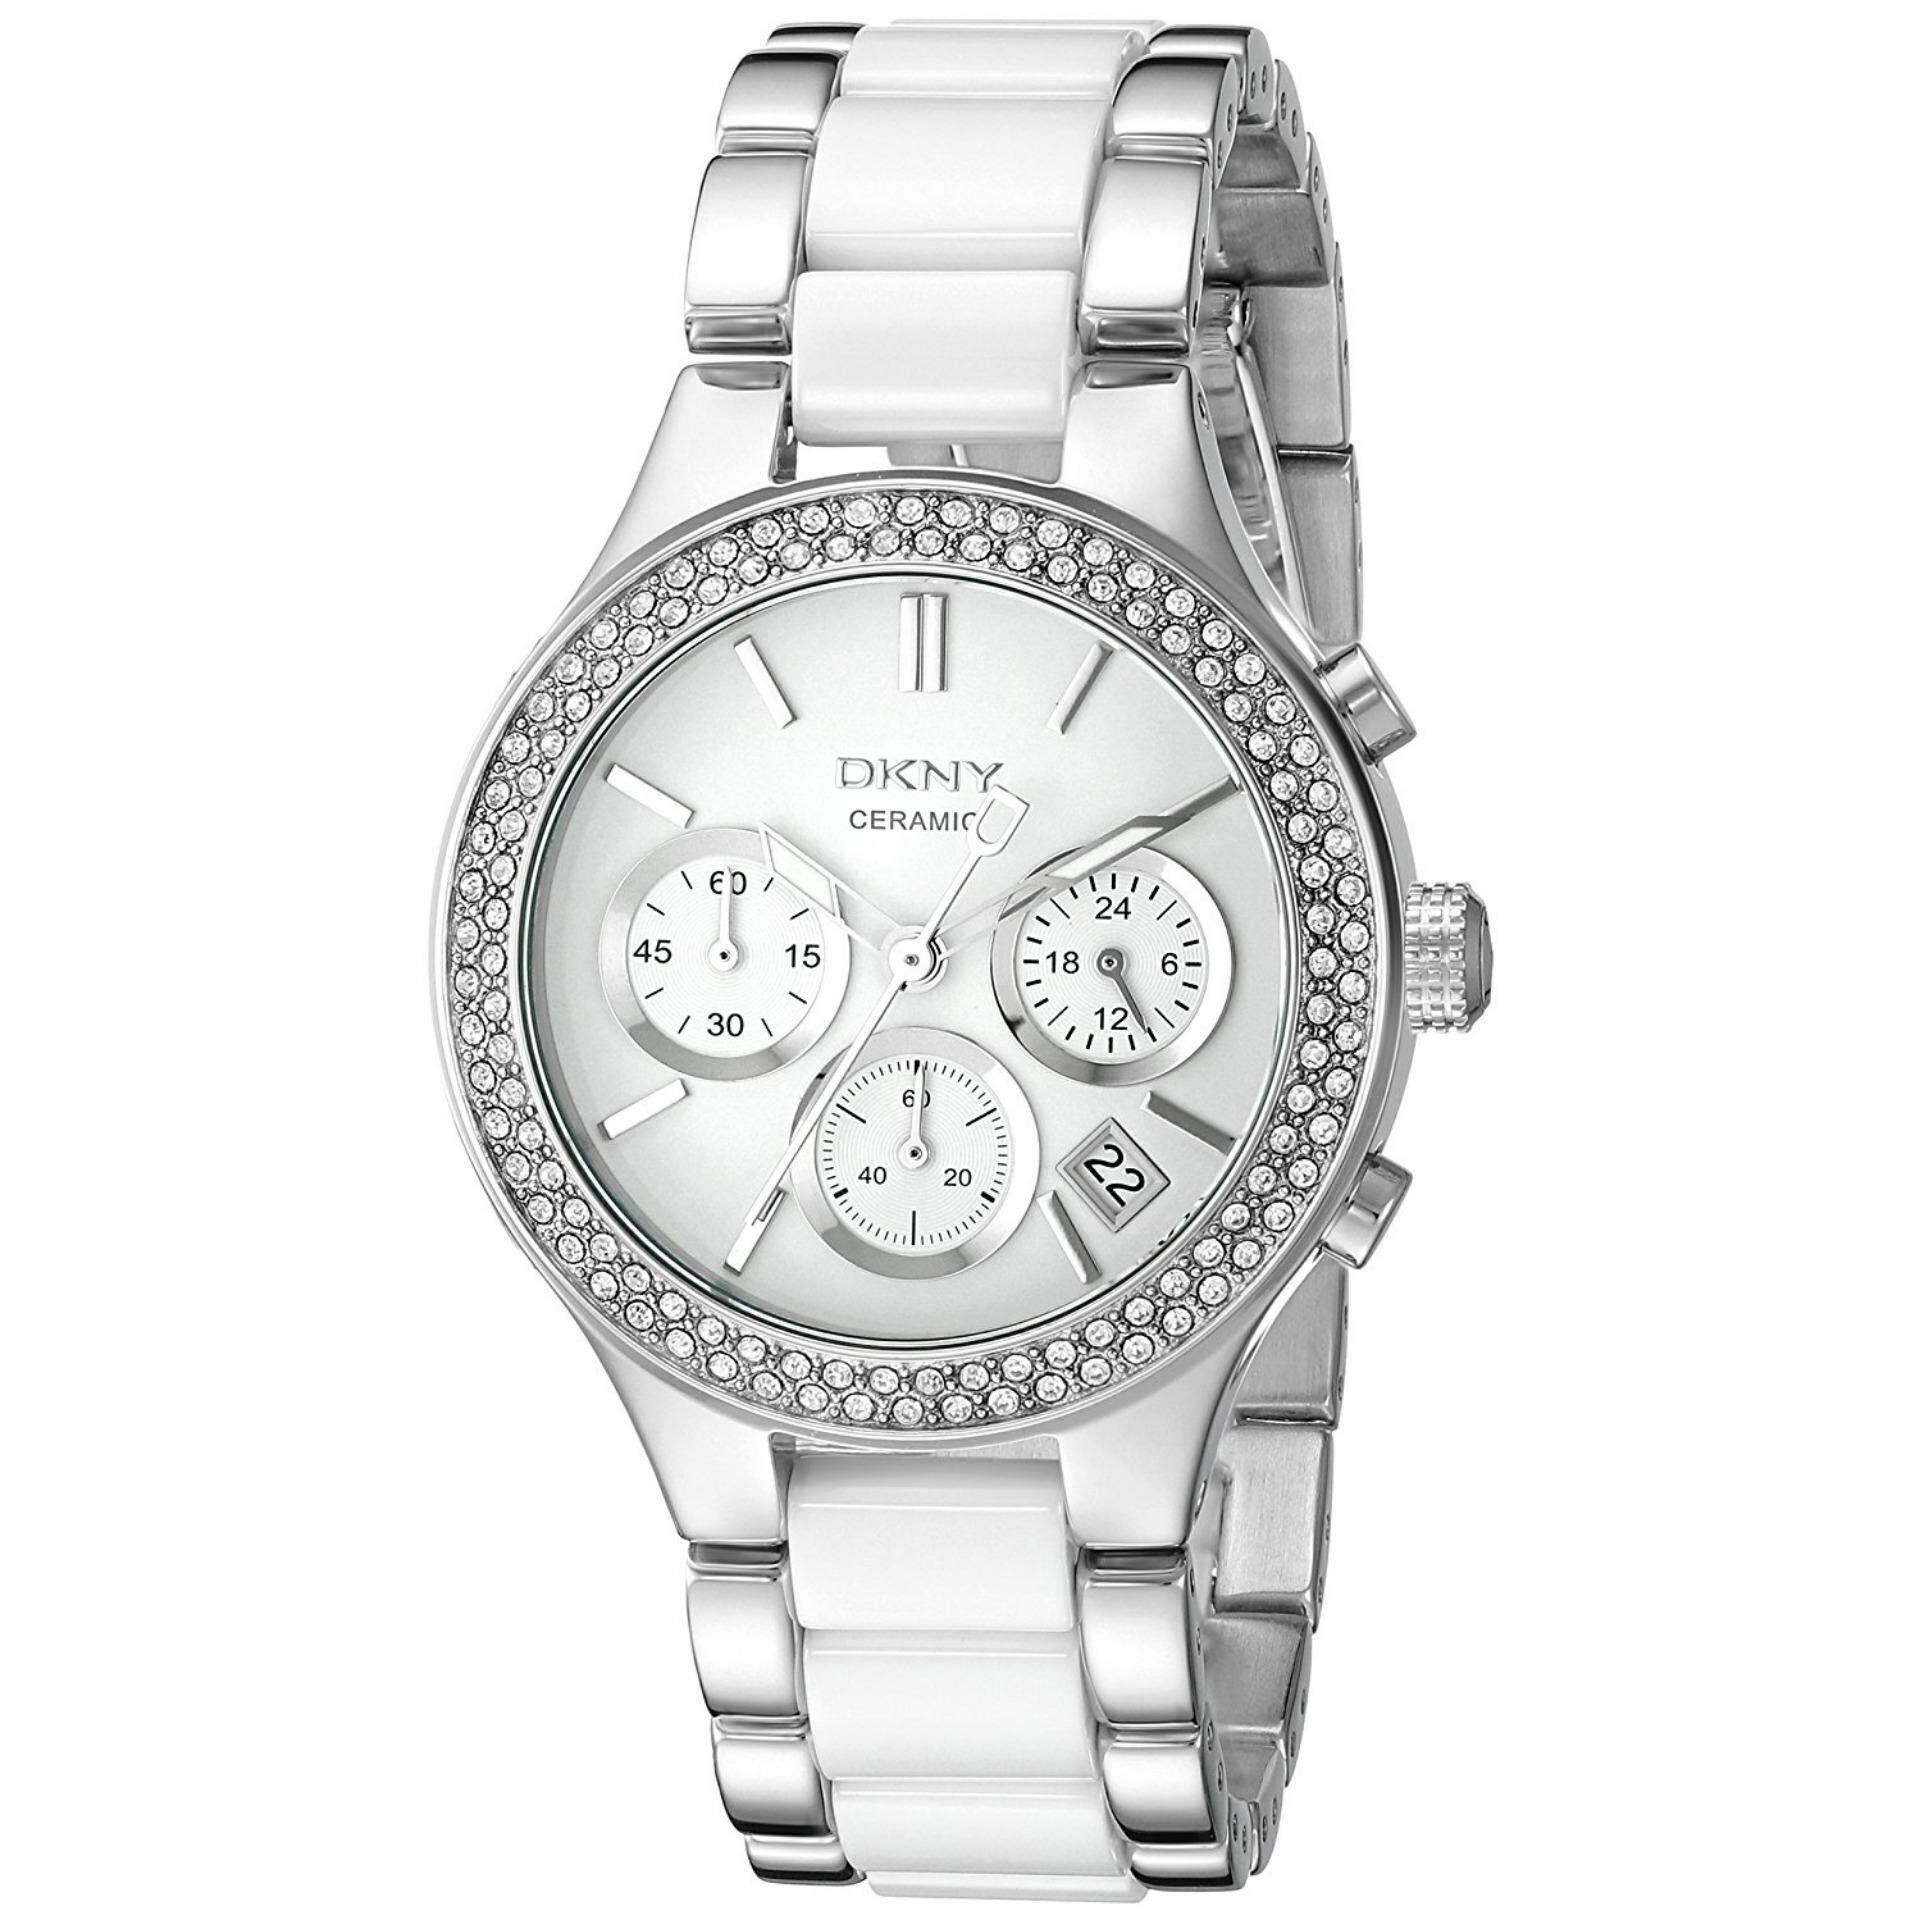 ขาย ซื้อ Dkny Ny8181 นาฬิกาข้อมือผู้หญิง สายเซรามิก สีเงิน ขาว ใน Thailand